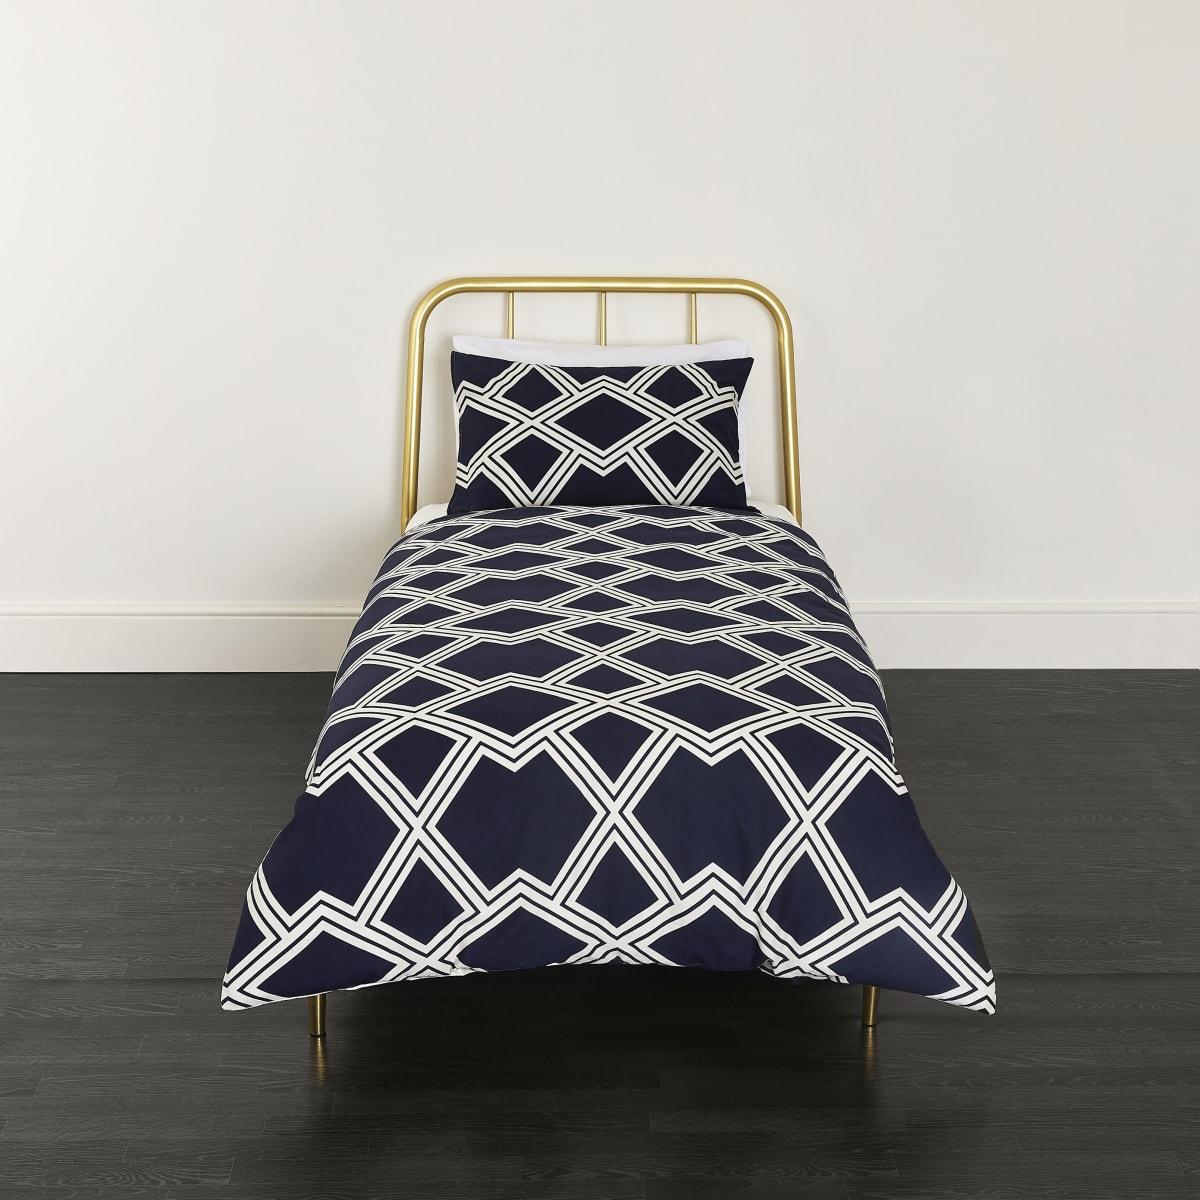 Parure de lit simple à imprimé géométrique bleu marine